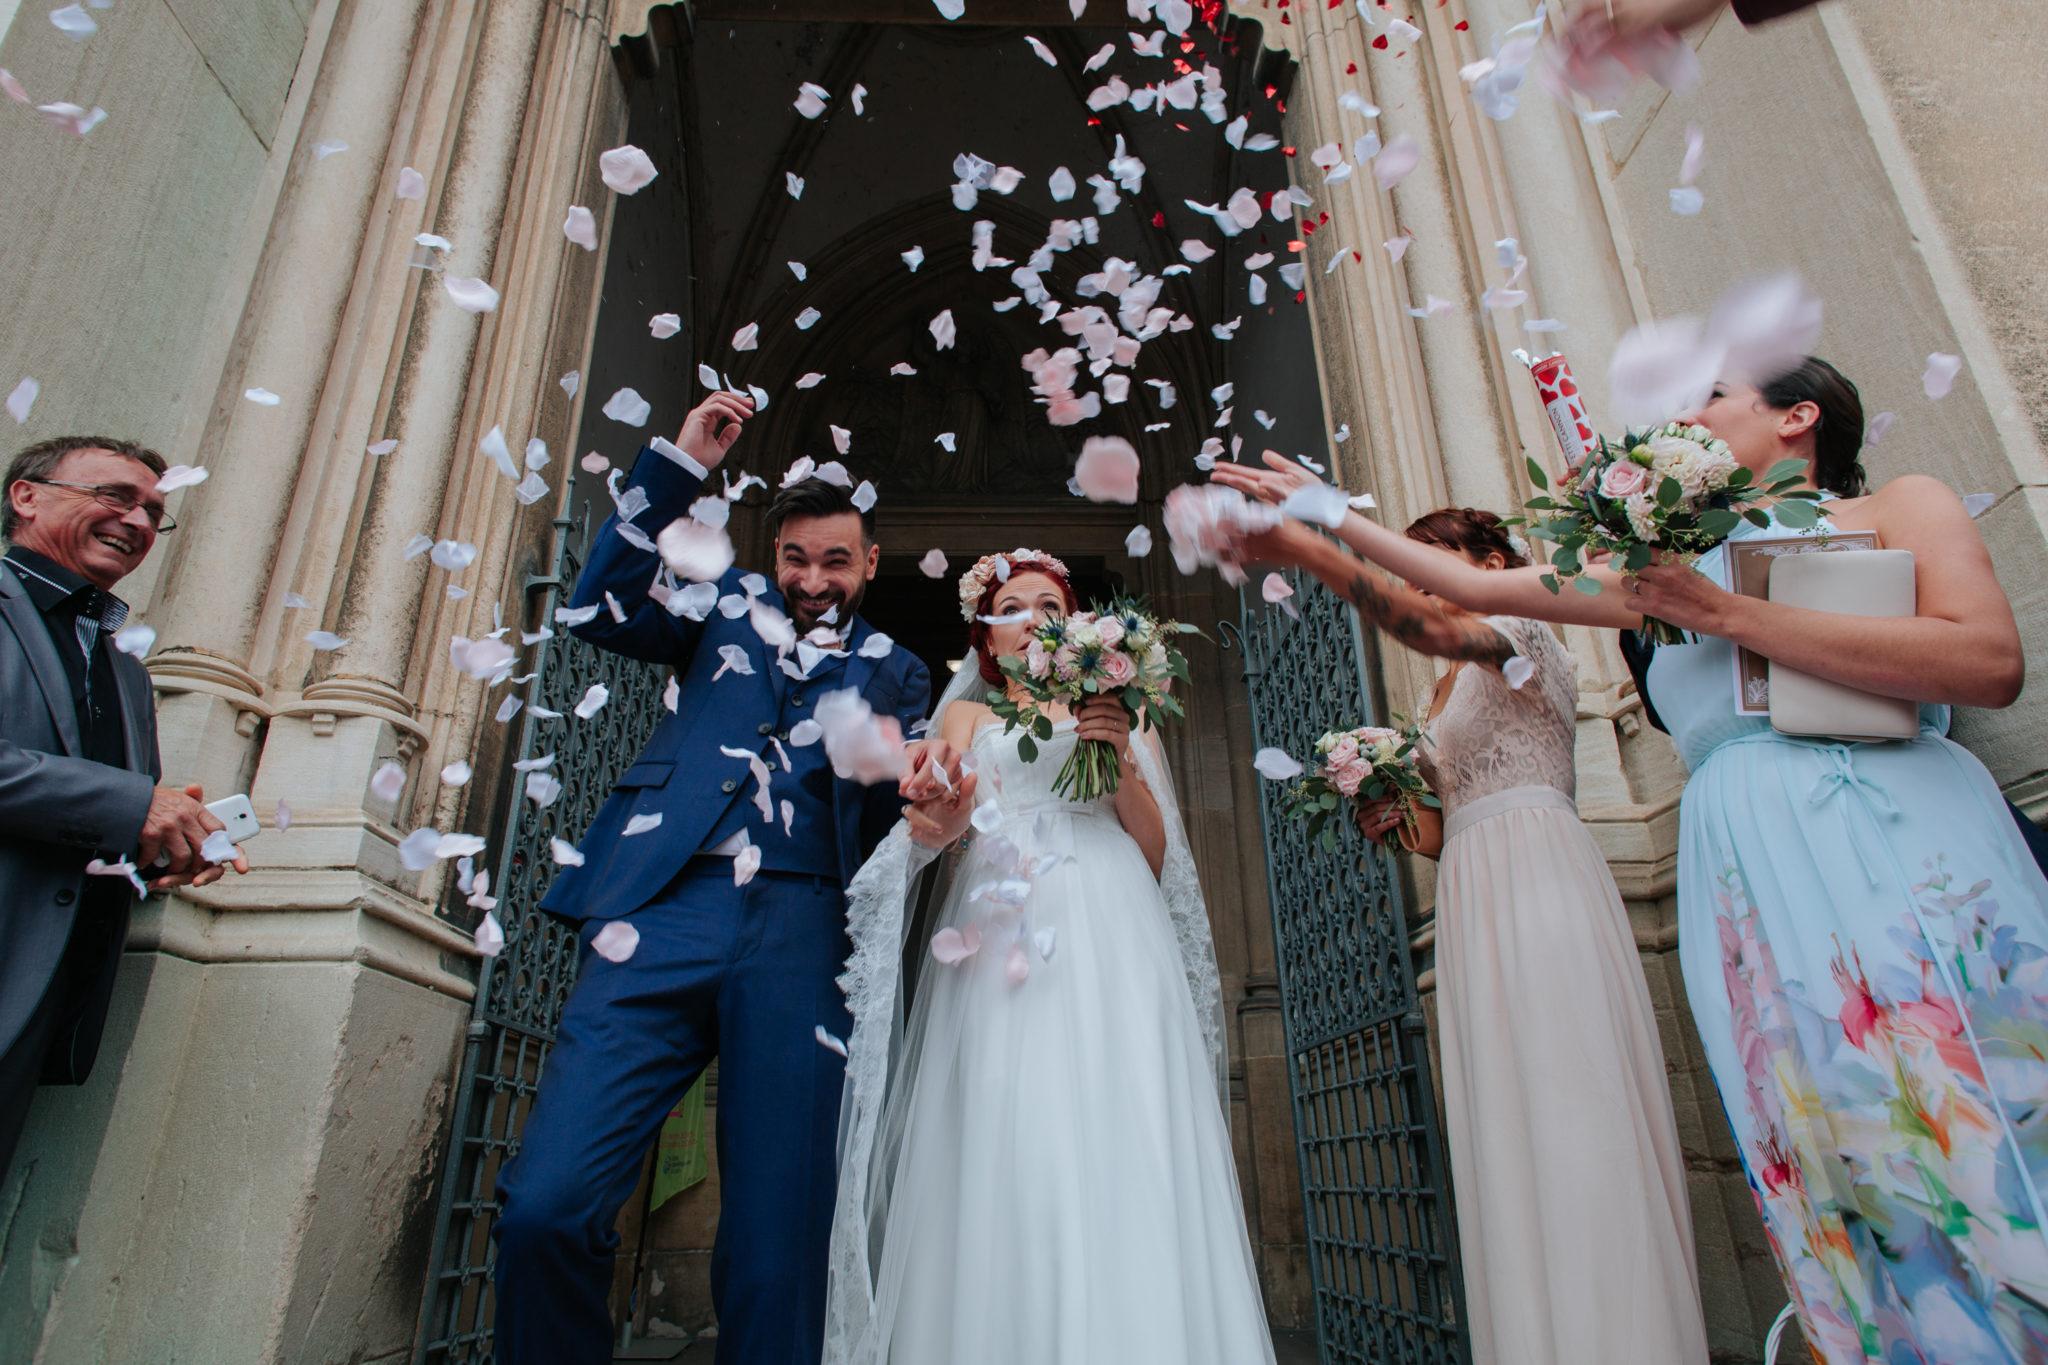 Sortie église mariés Fontaine-sur-Saône cérémonie religieuse Lyon Beaujolais